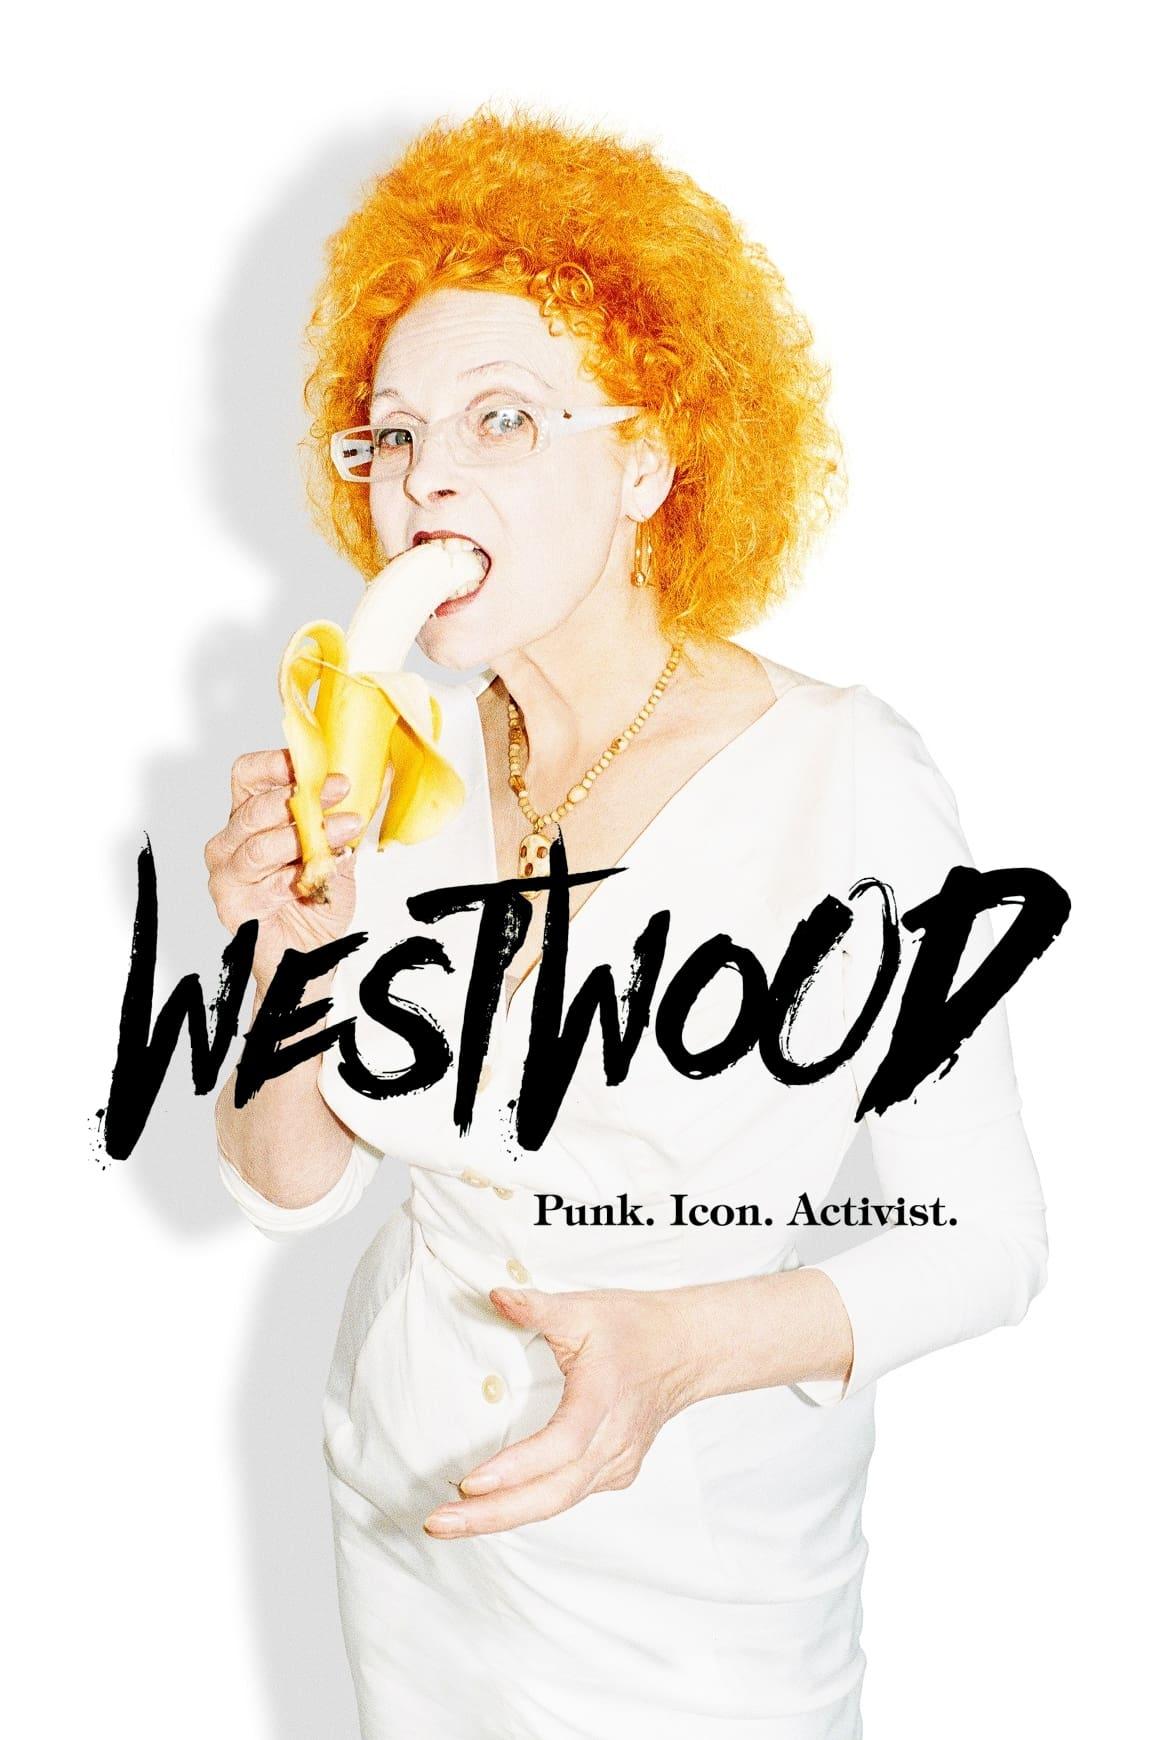 image for Westwood: Punk, Icon, Activist